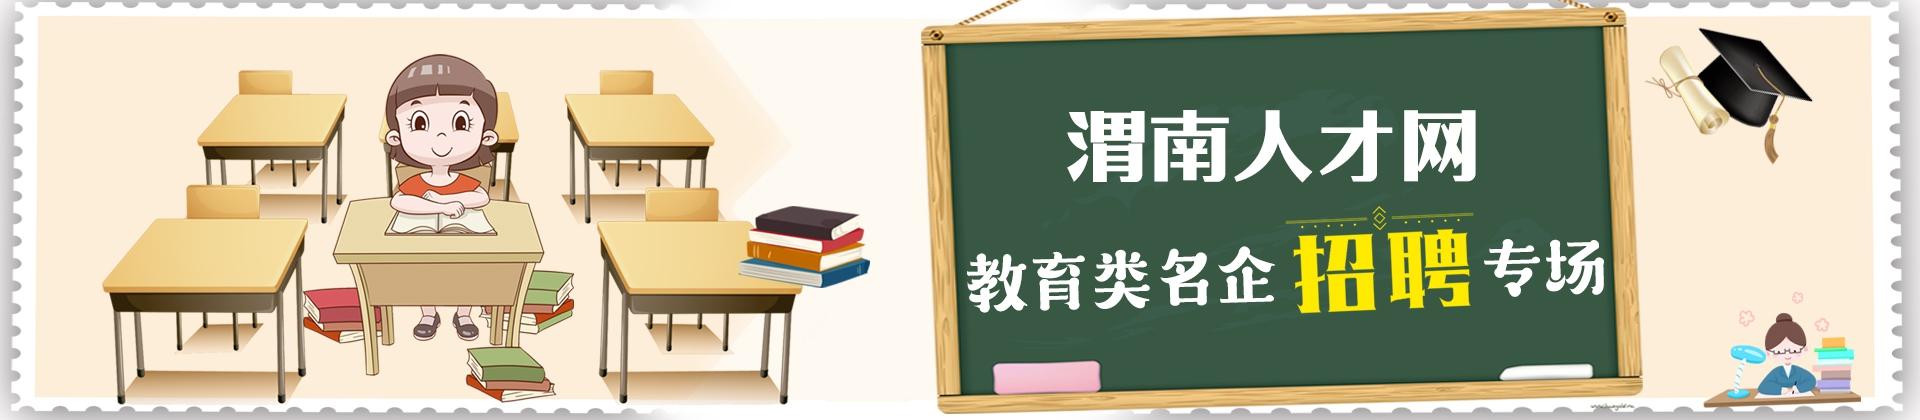 渭南人才网教育类名企招聘专场